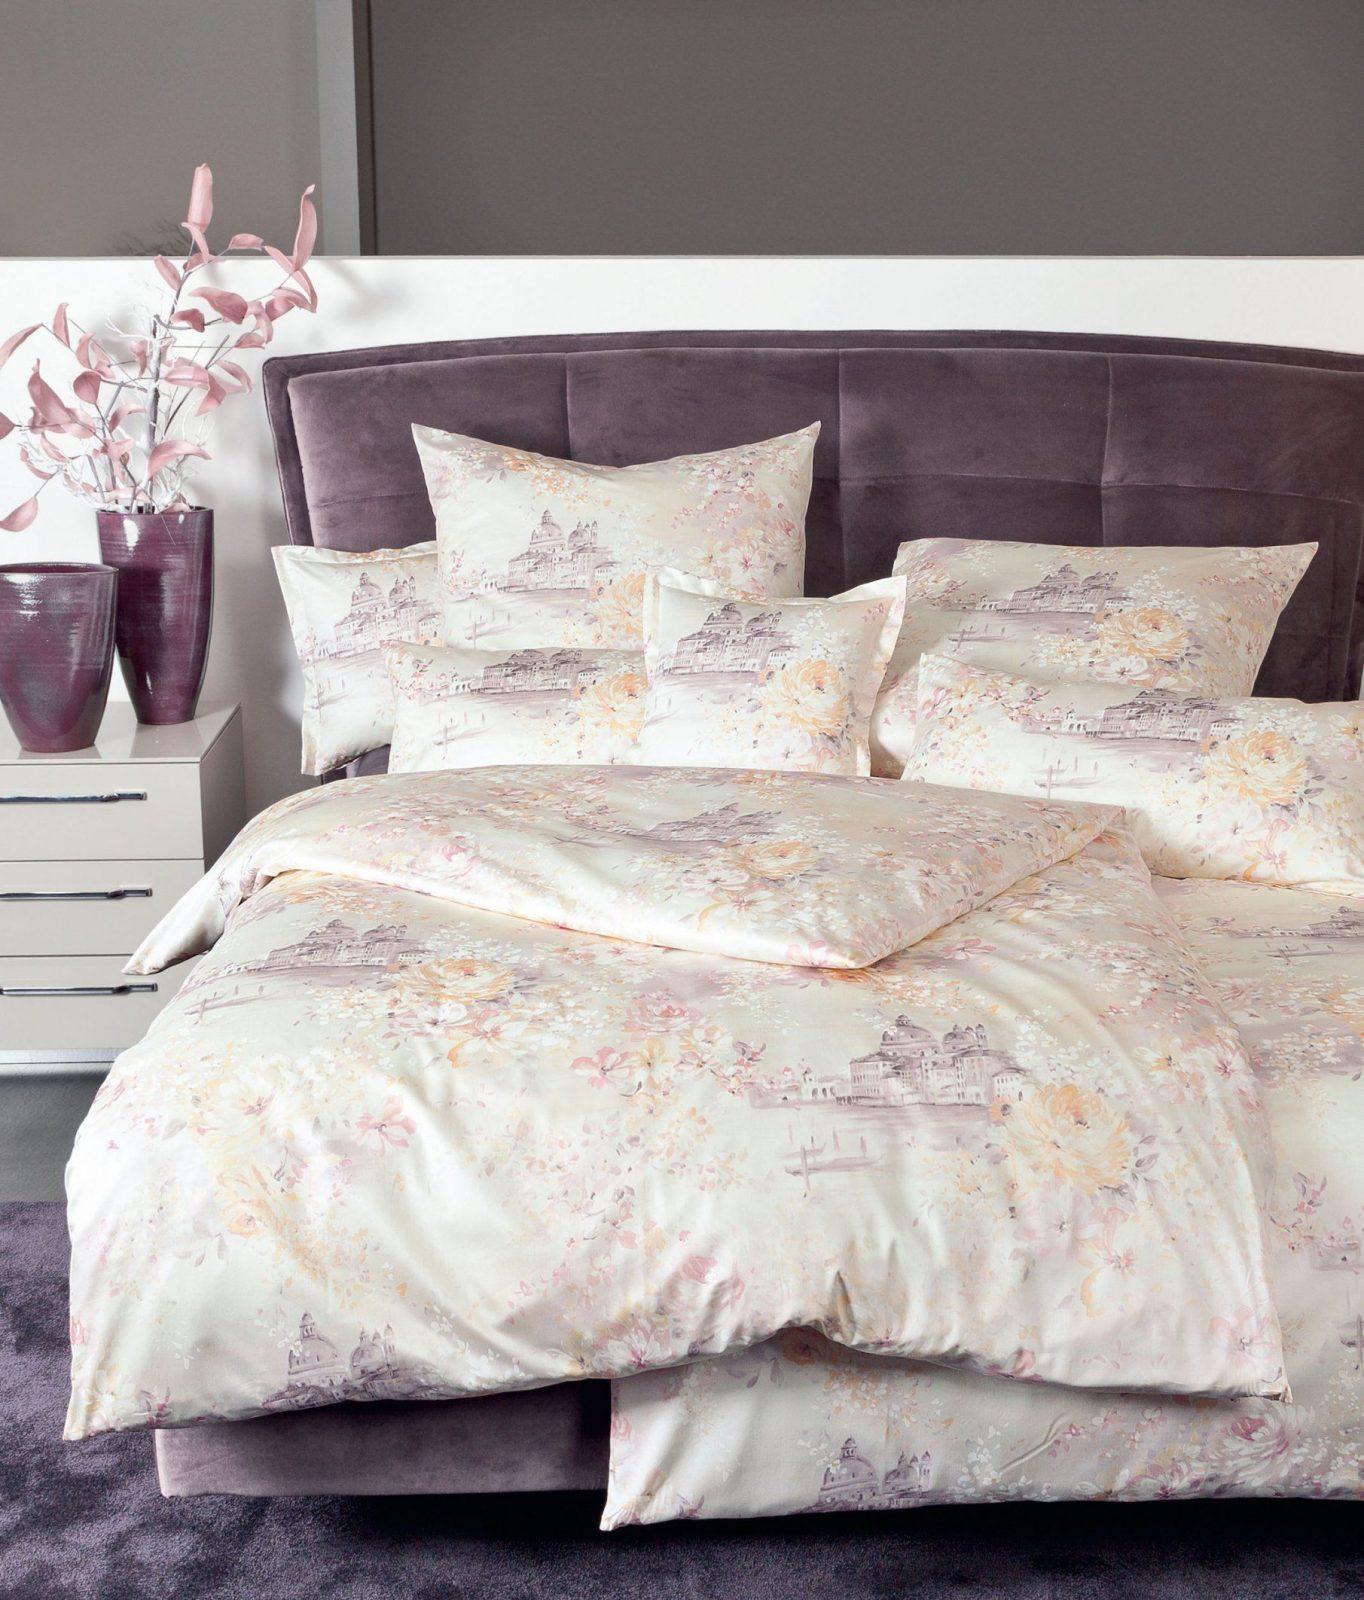 Traumhafte Makosatin Bettwäsche Messina 43012 Günstig Bestellen von Satin Bettwäsche 155X220 Günstig Bild